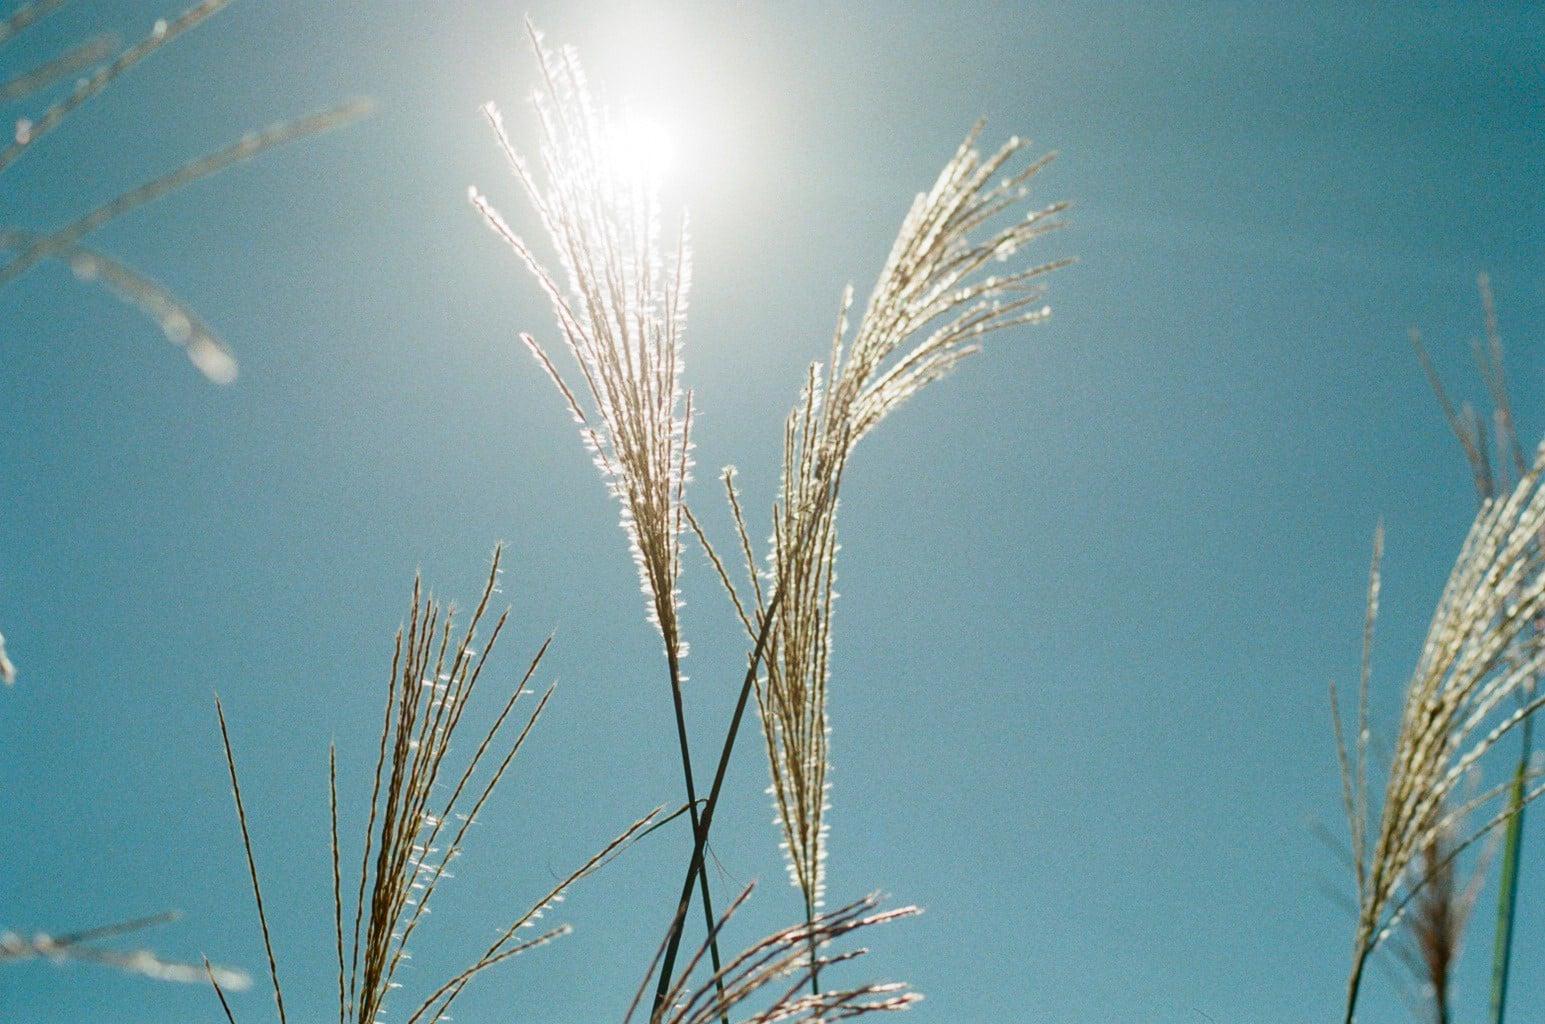 寒露イメージ 陽の光を浴びるススキ